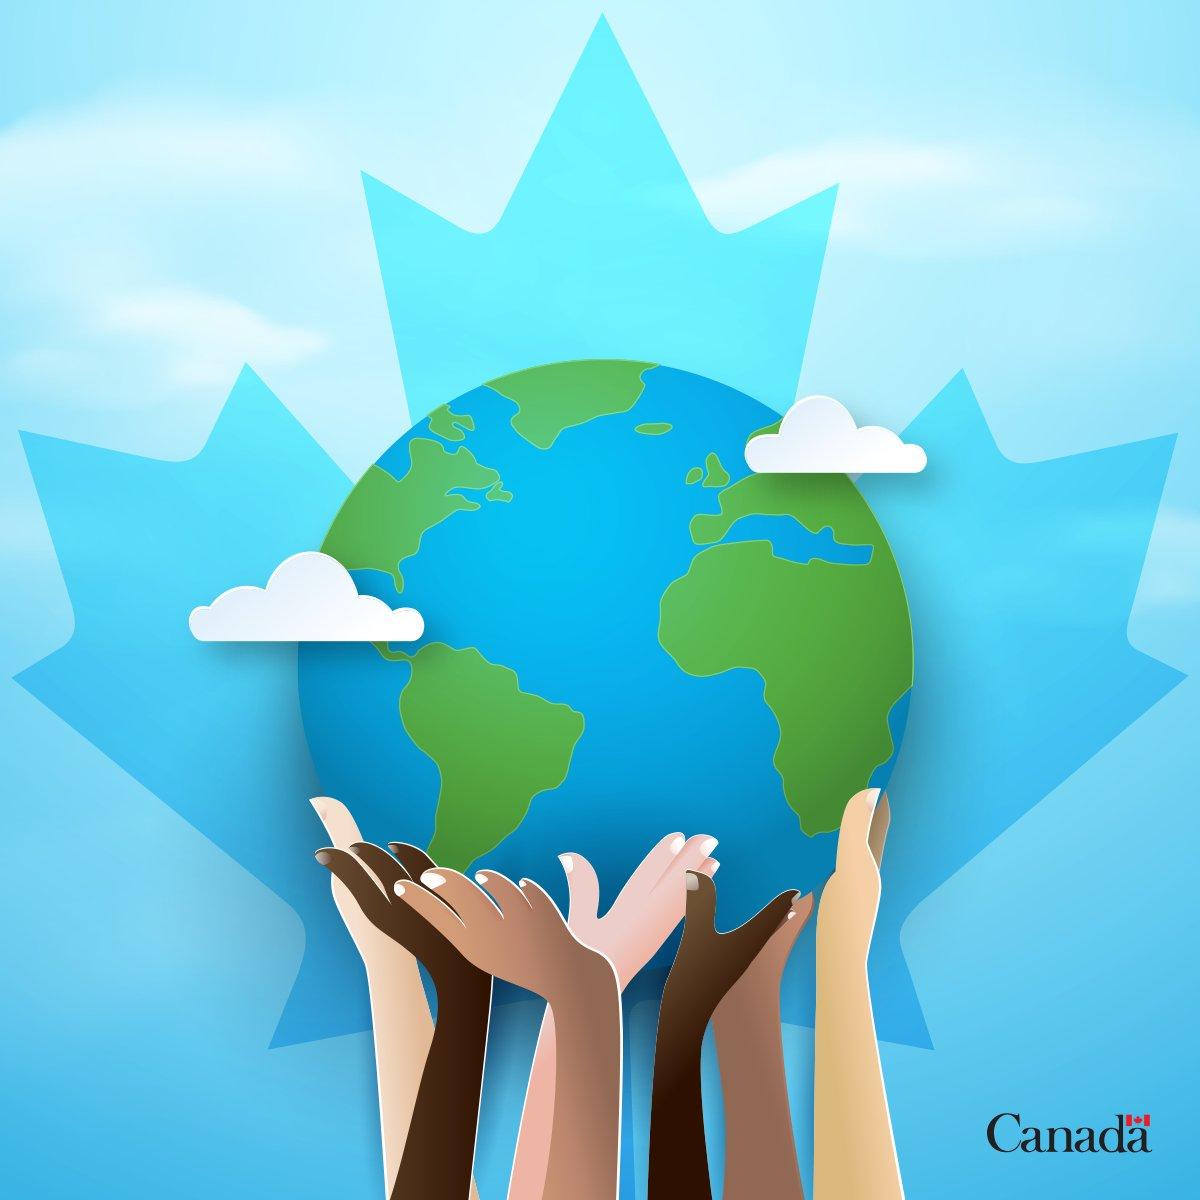 COVID-19 est un rappel de notre interconnexion avec l'environnement. Nous devons travailler ensemble pour : 🐝préserver la biodiversité 🧪investir dans les technologies propres 🗑️réduire la pollution afin de construire un avenir plus fort et plus résilient pour nous tous. https://t.co/hjuaiEKIVb